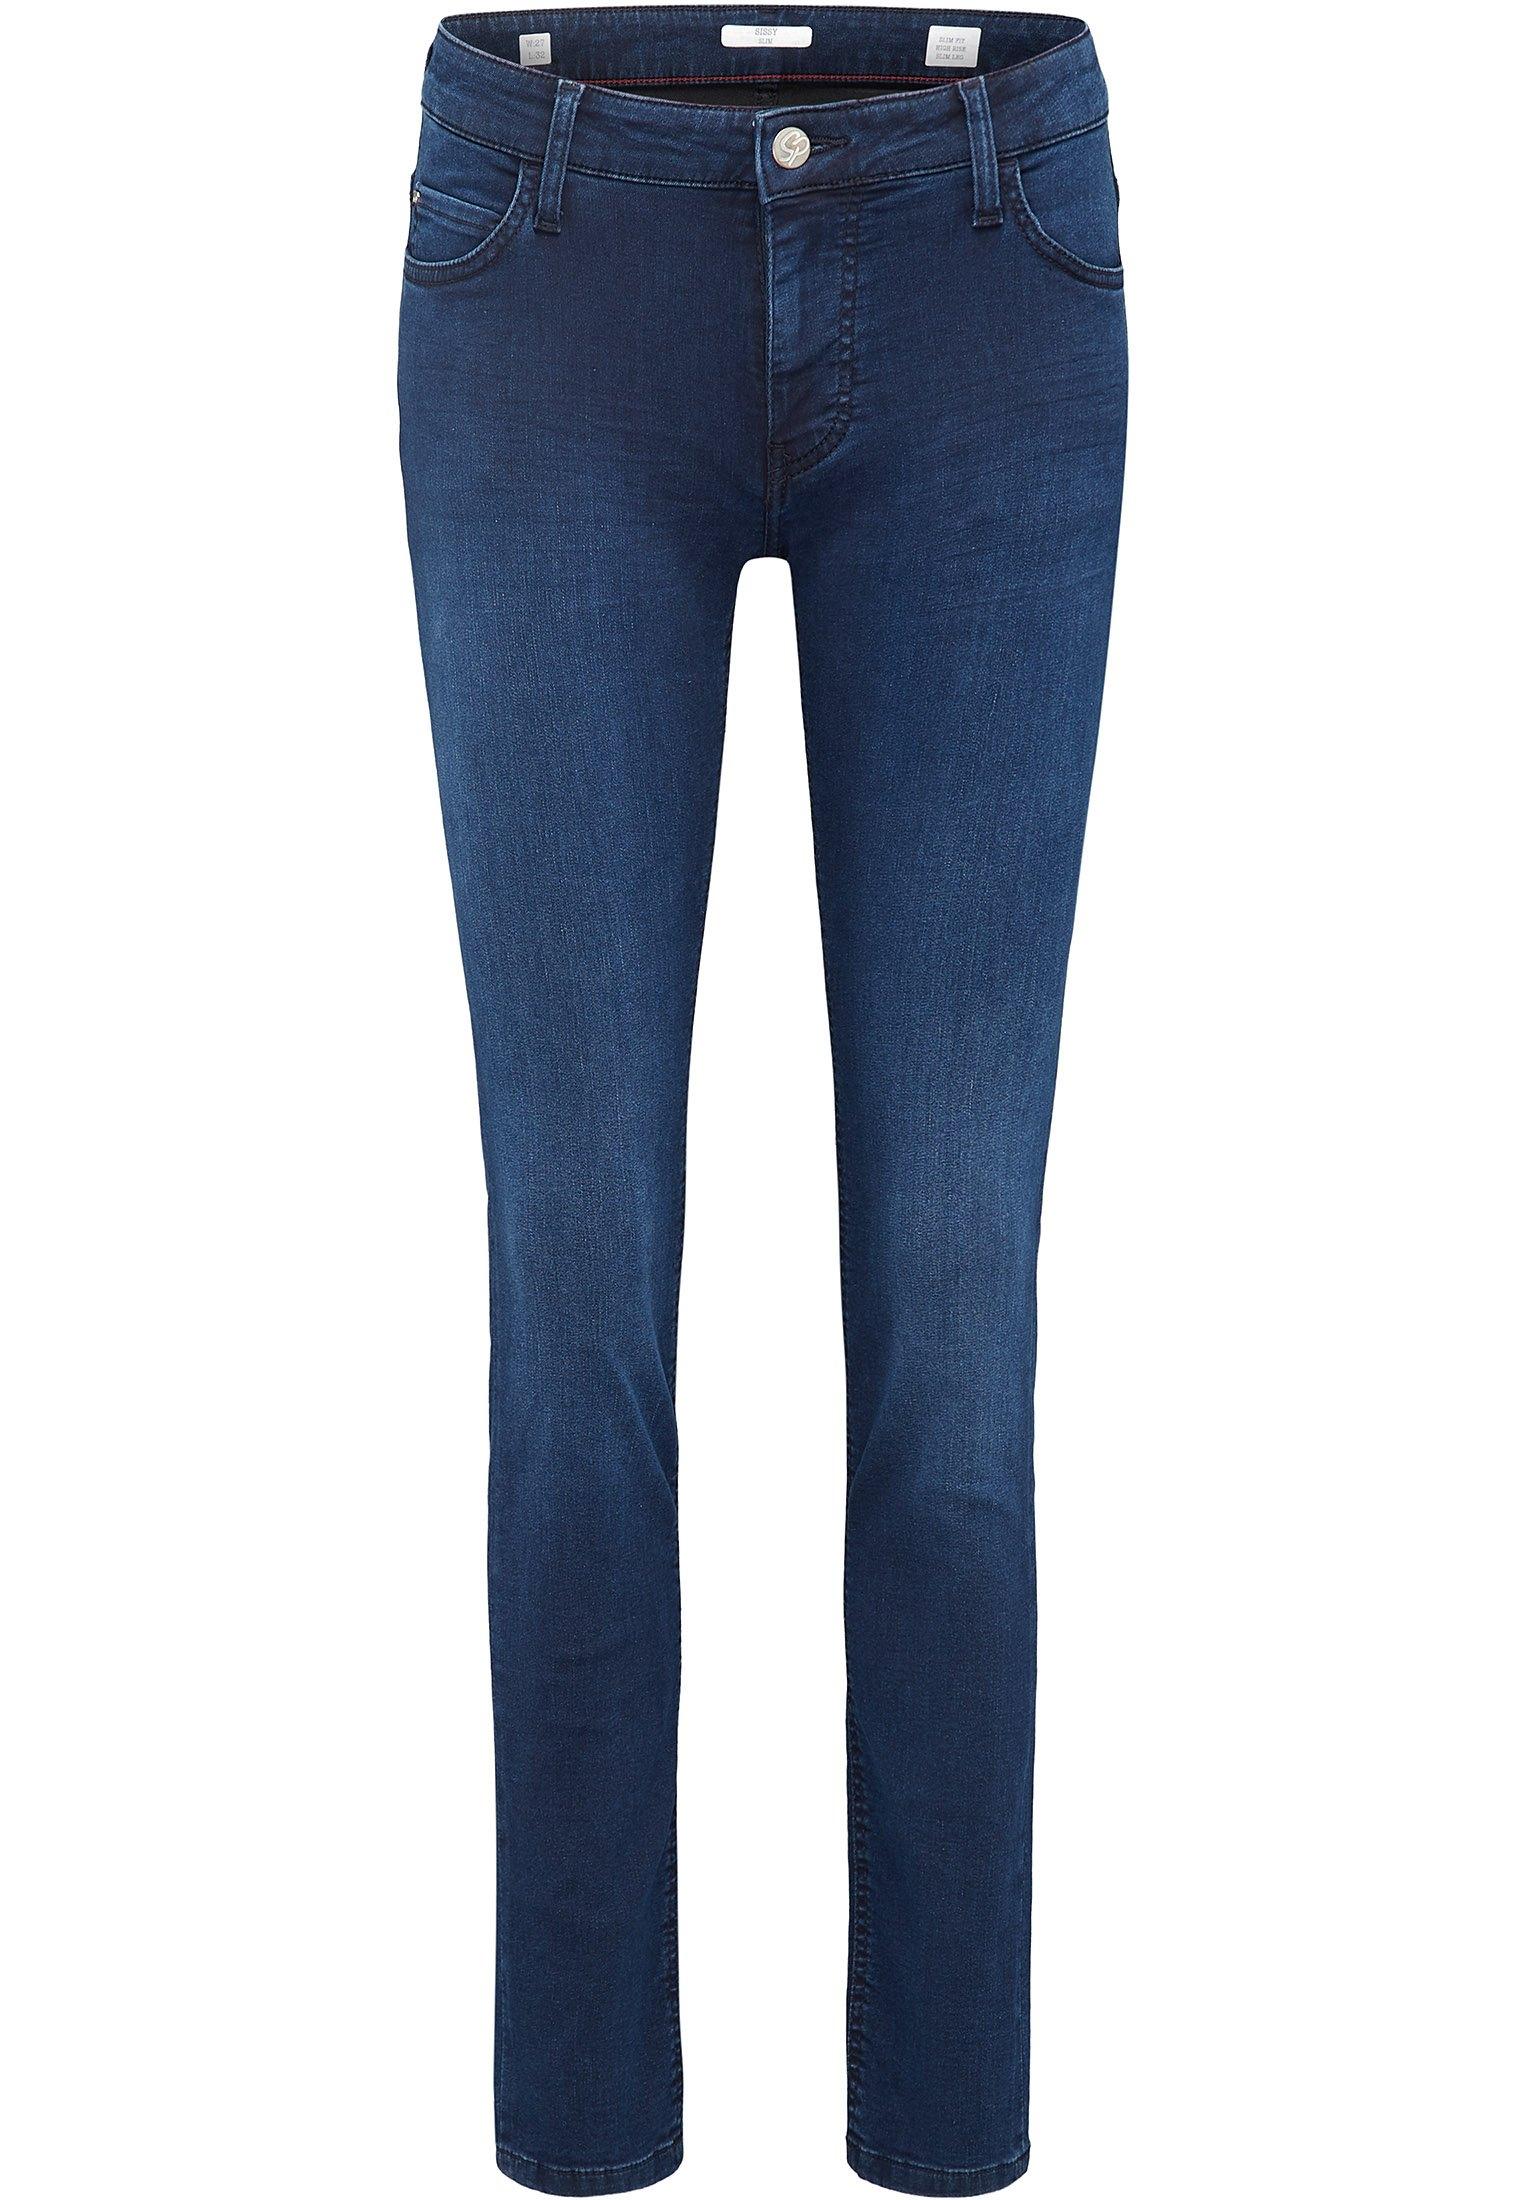 MUSTANG jeans »Sissy Slim« nu online bestellen